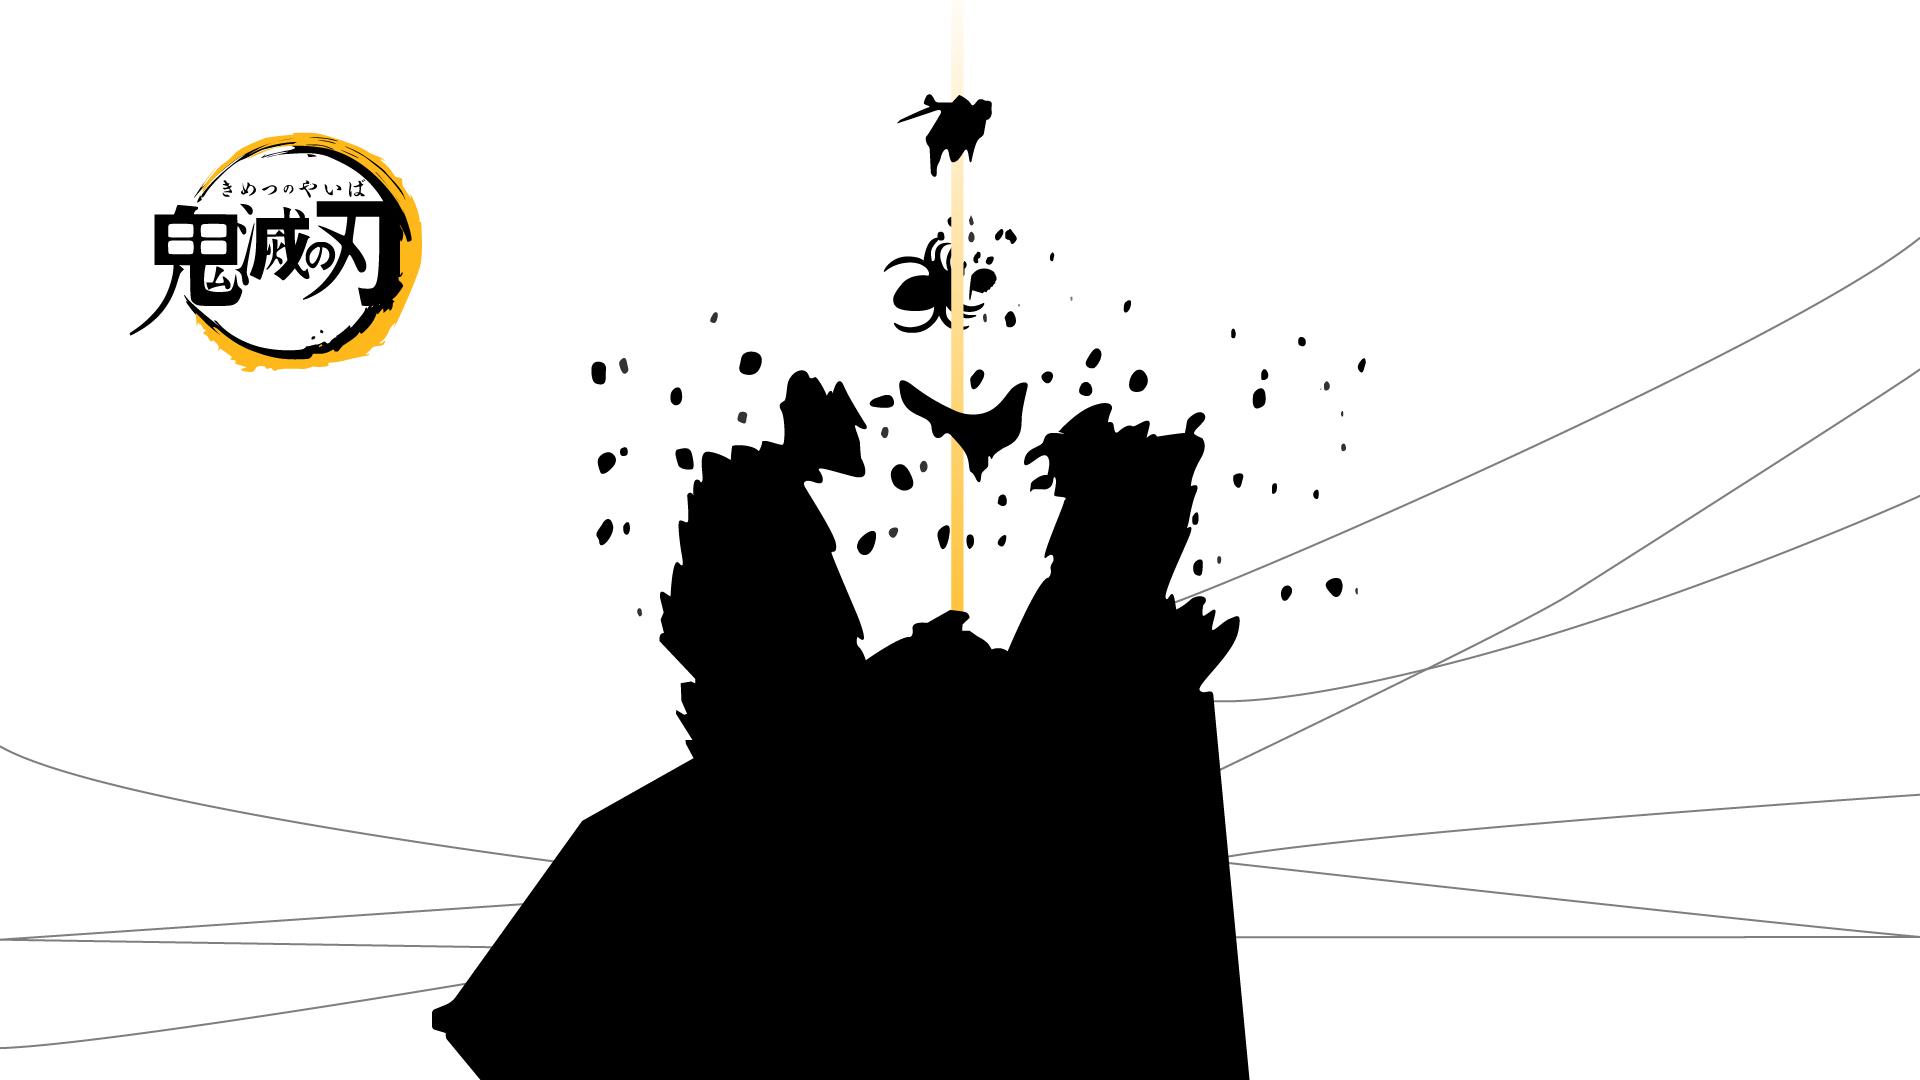 Koyoharu Gotouge, Kimetsu No Yaiba, Zenitsu Agatsuma - Kimetsu No Yaiba Wallpaper Black And White - HD Wallpaper